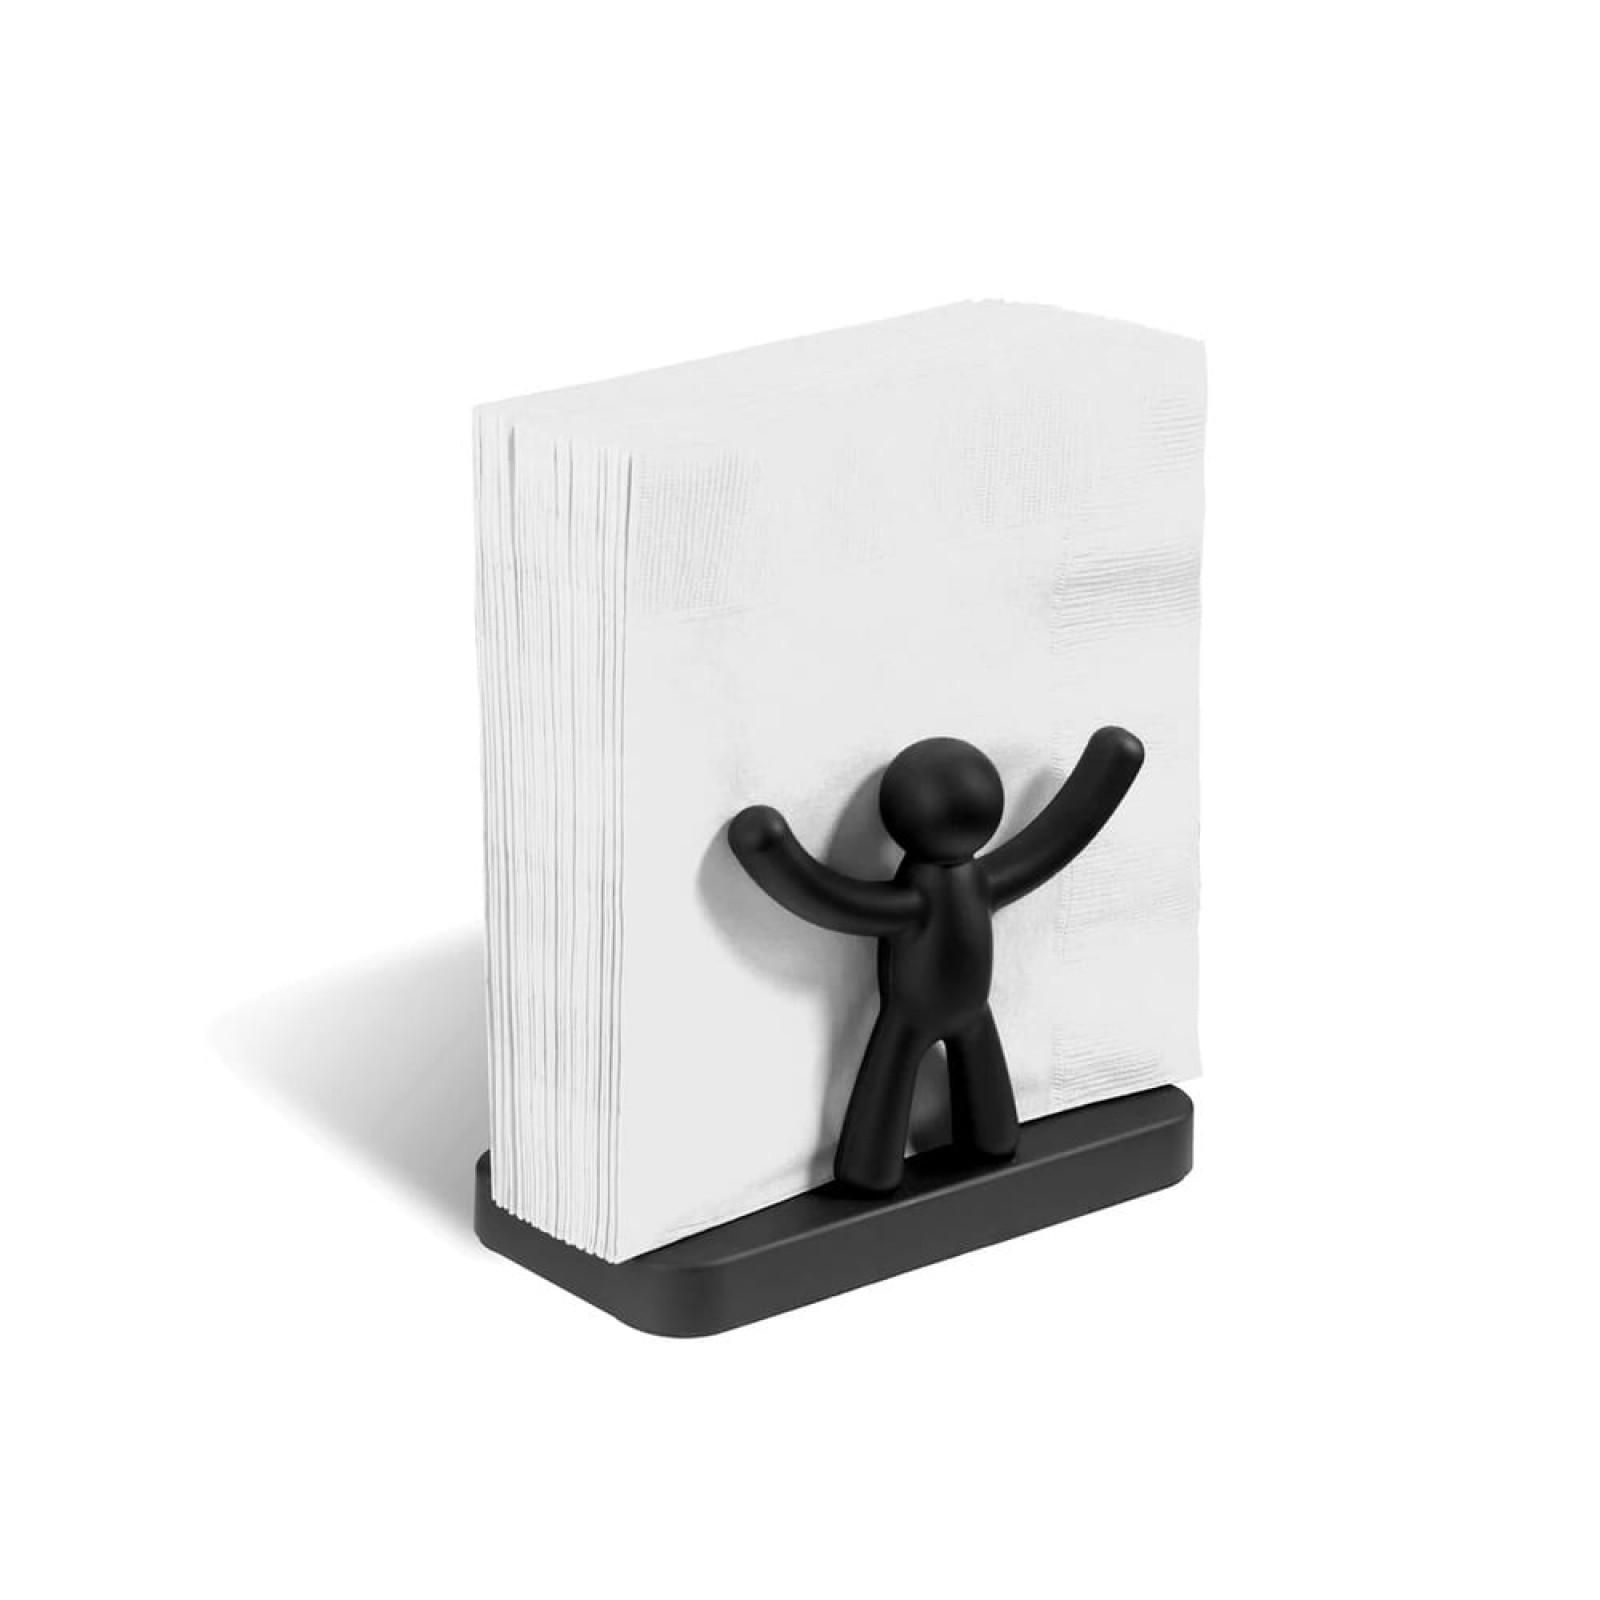 Θήκη για Χαρτοπετσέτες Buddy (Μαύρο) - Umbra